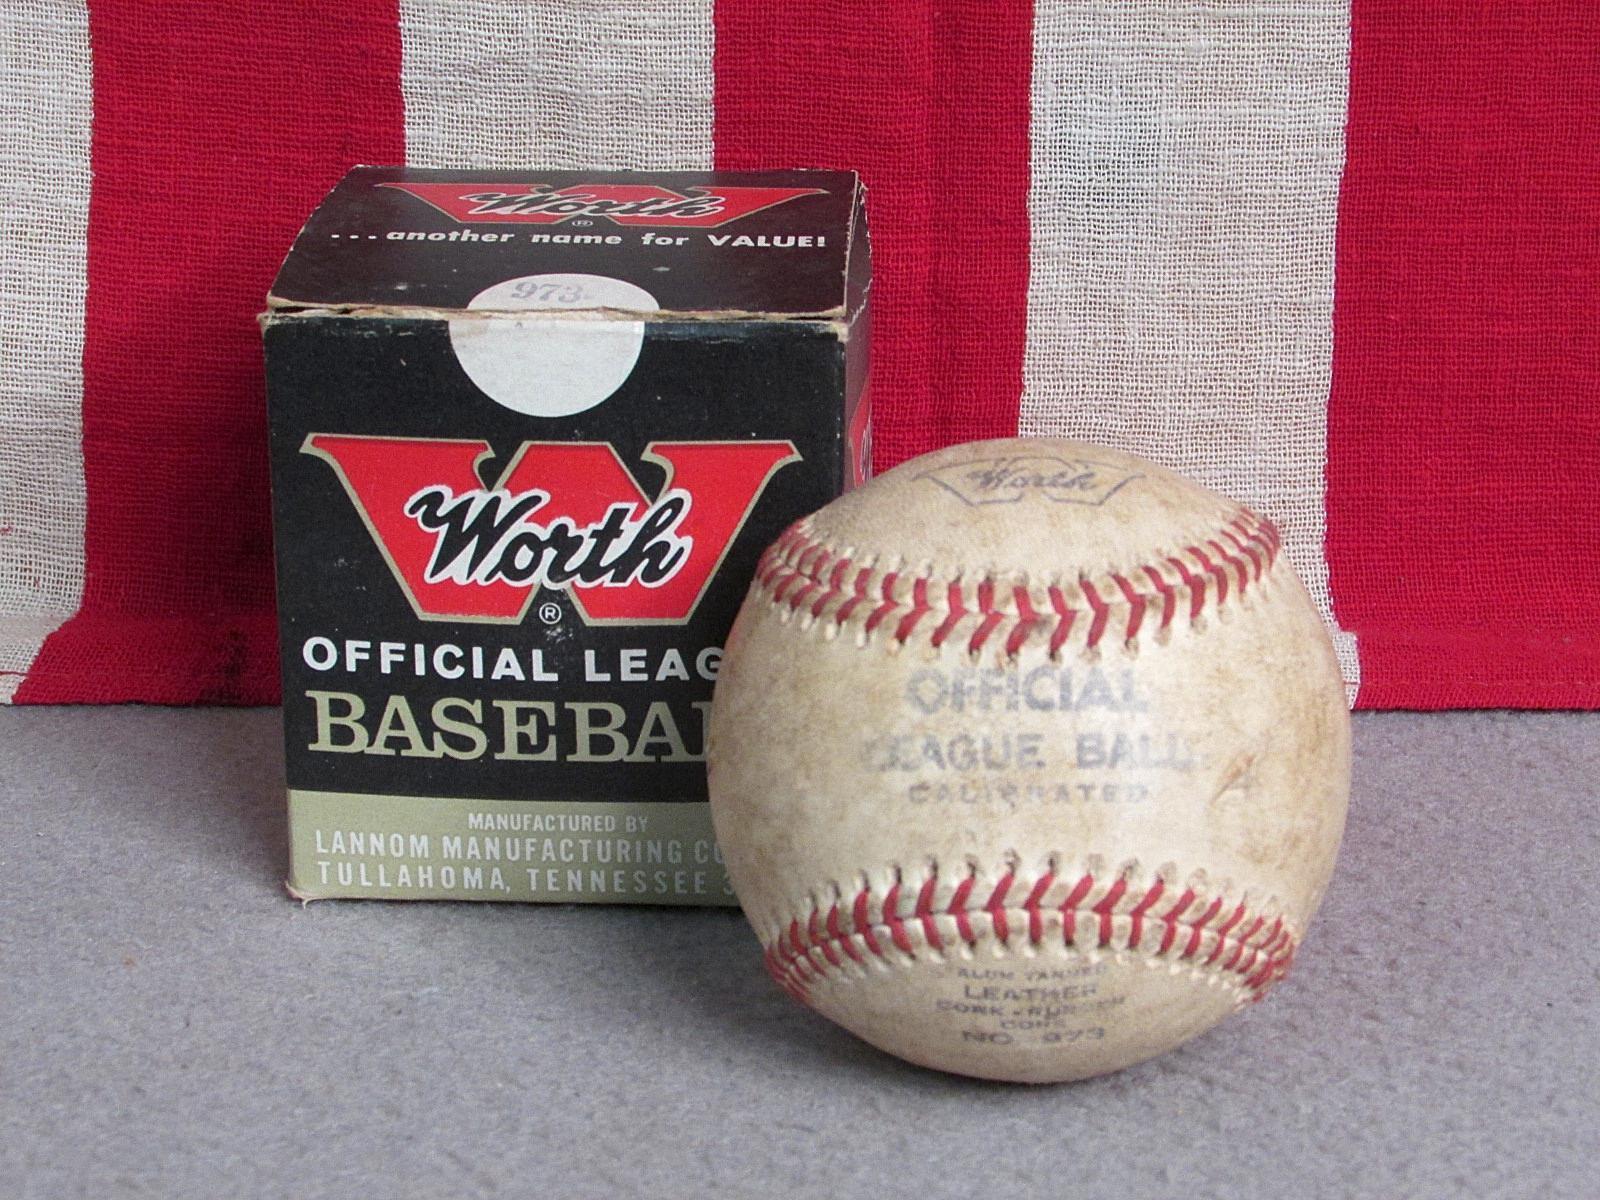 Vintage Worth Oficial Liga Cuero Béisbol No.973 con     Caja Original Calibrado  bajo precio del 40%